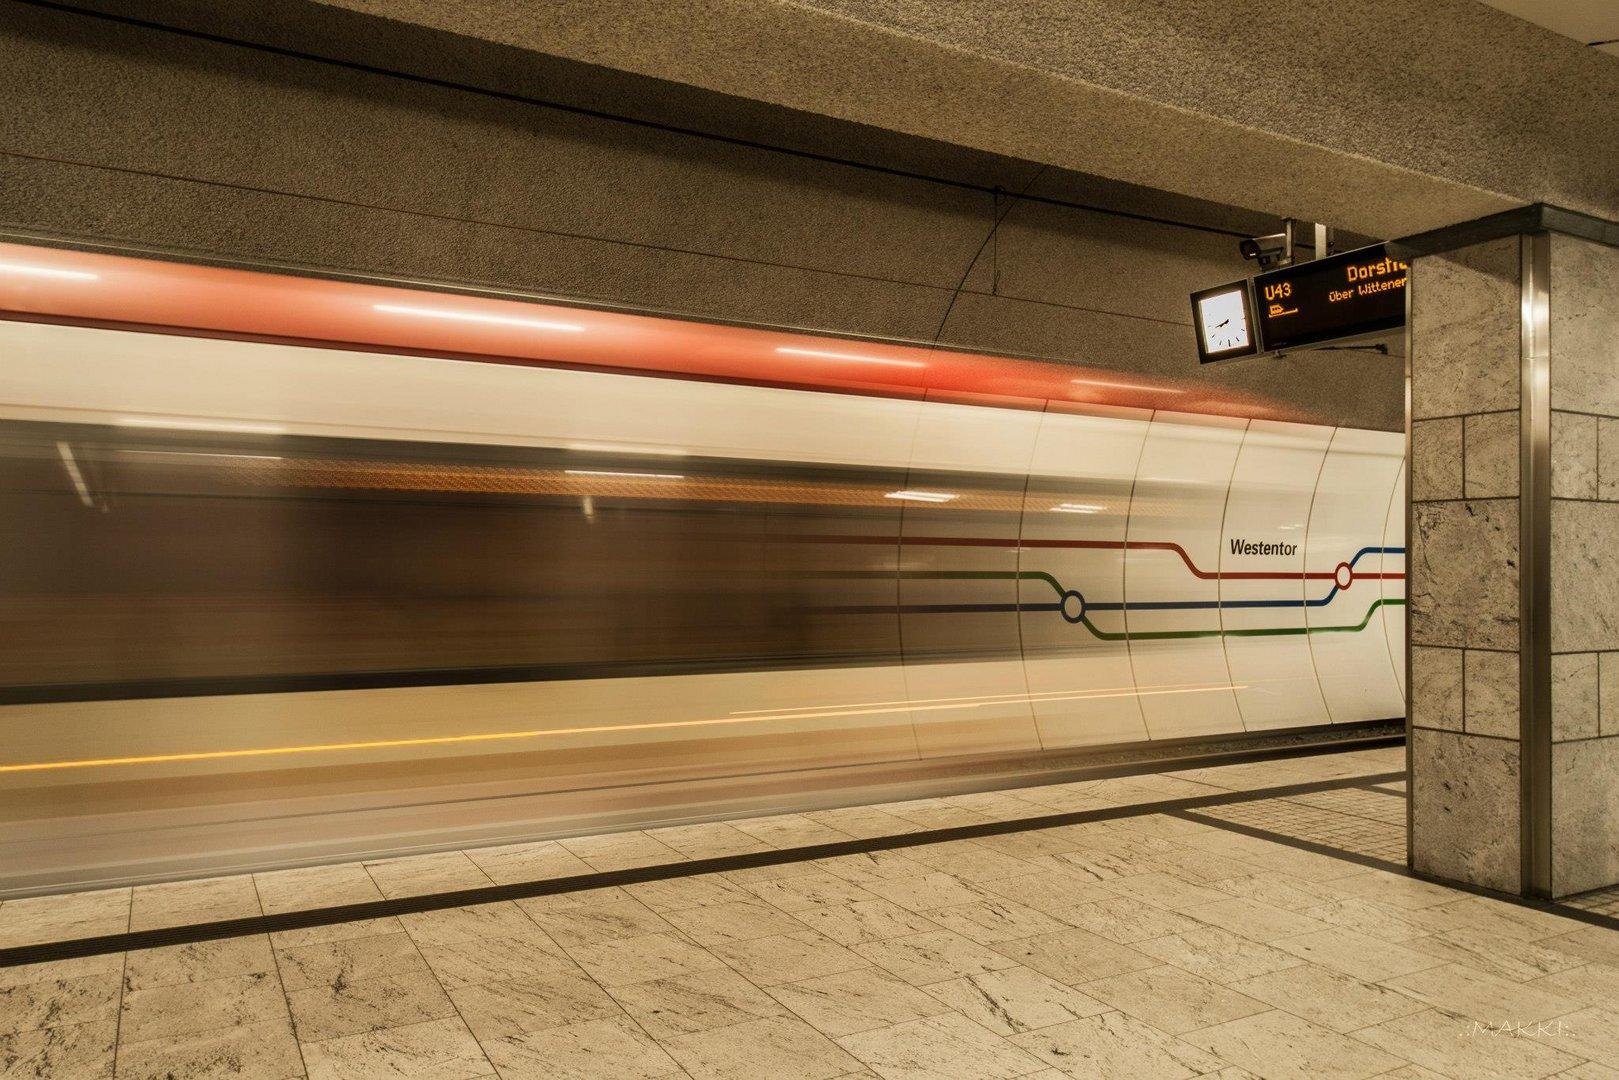 U-Bahn, Dortmund